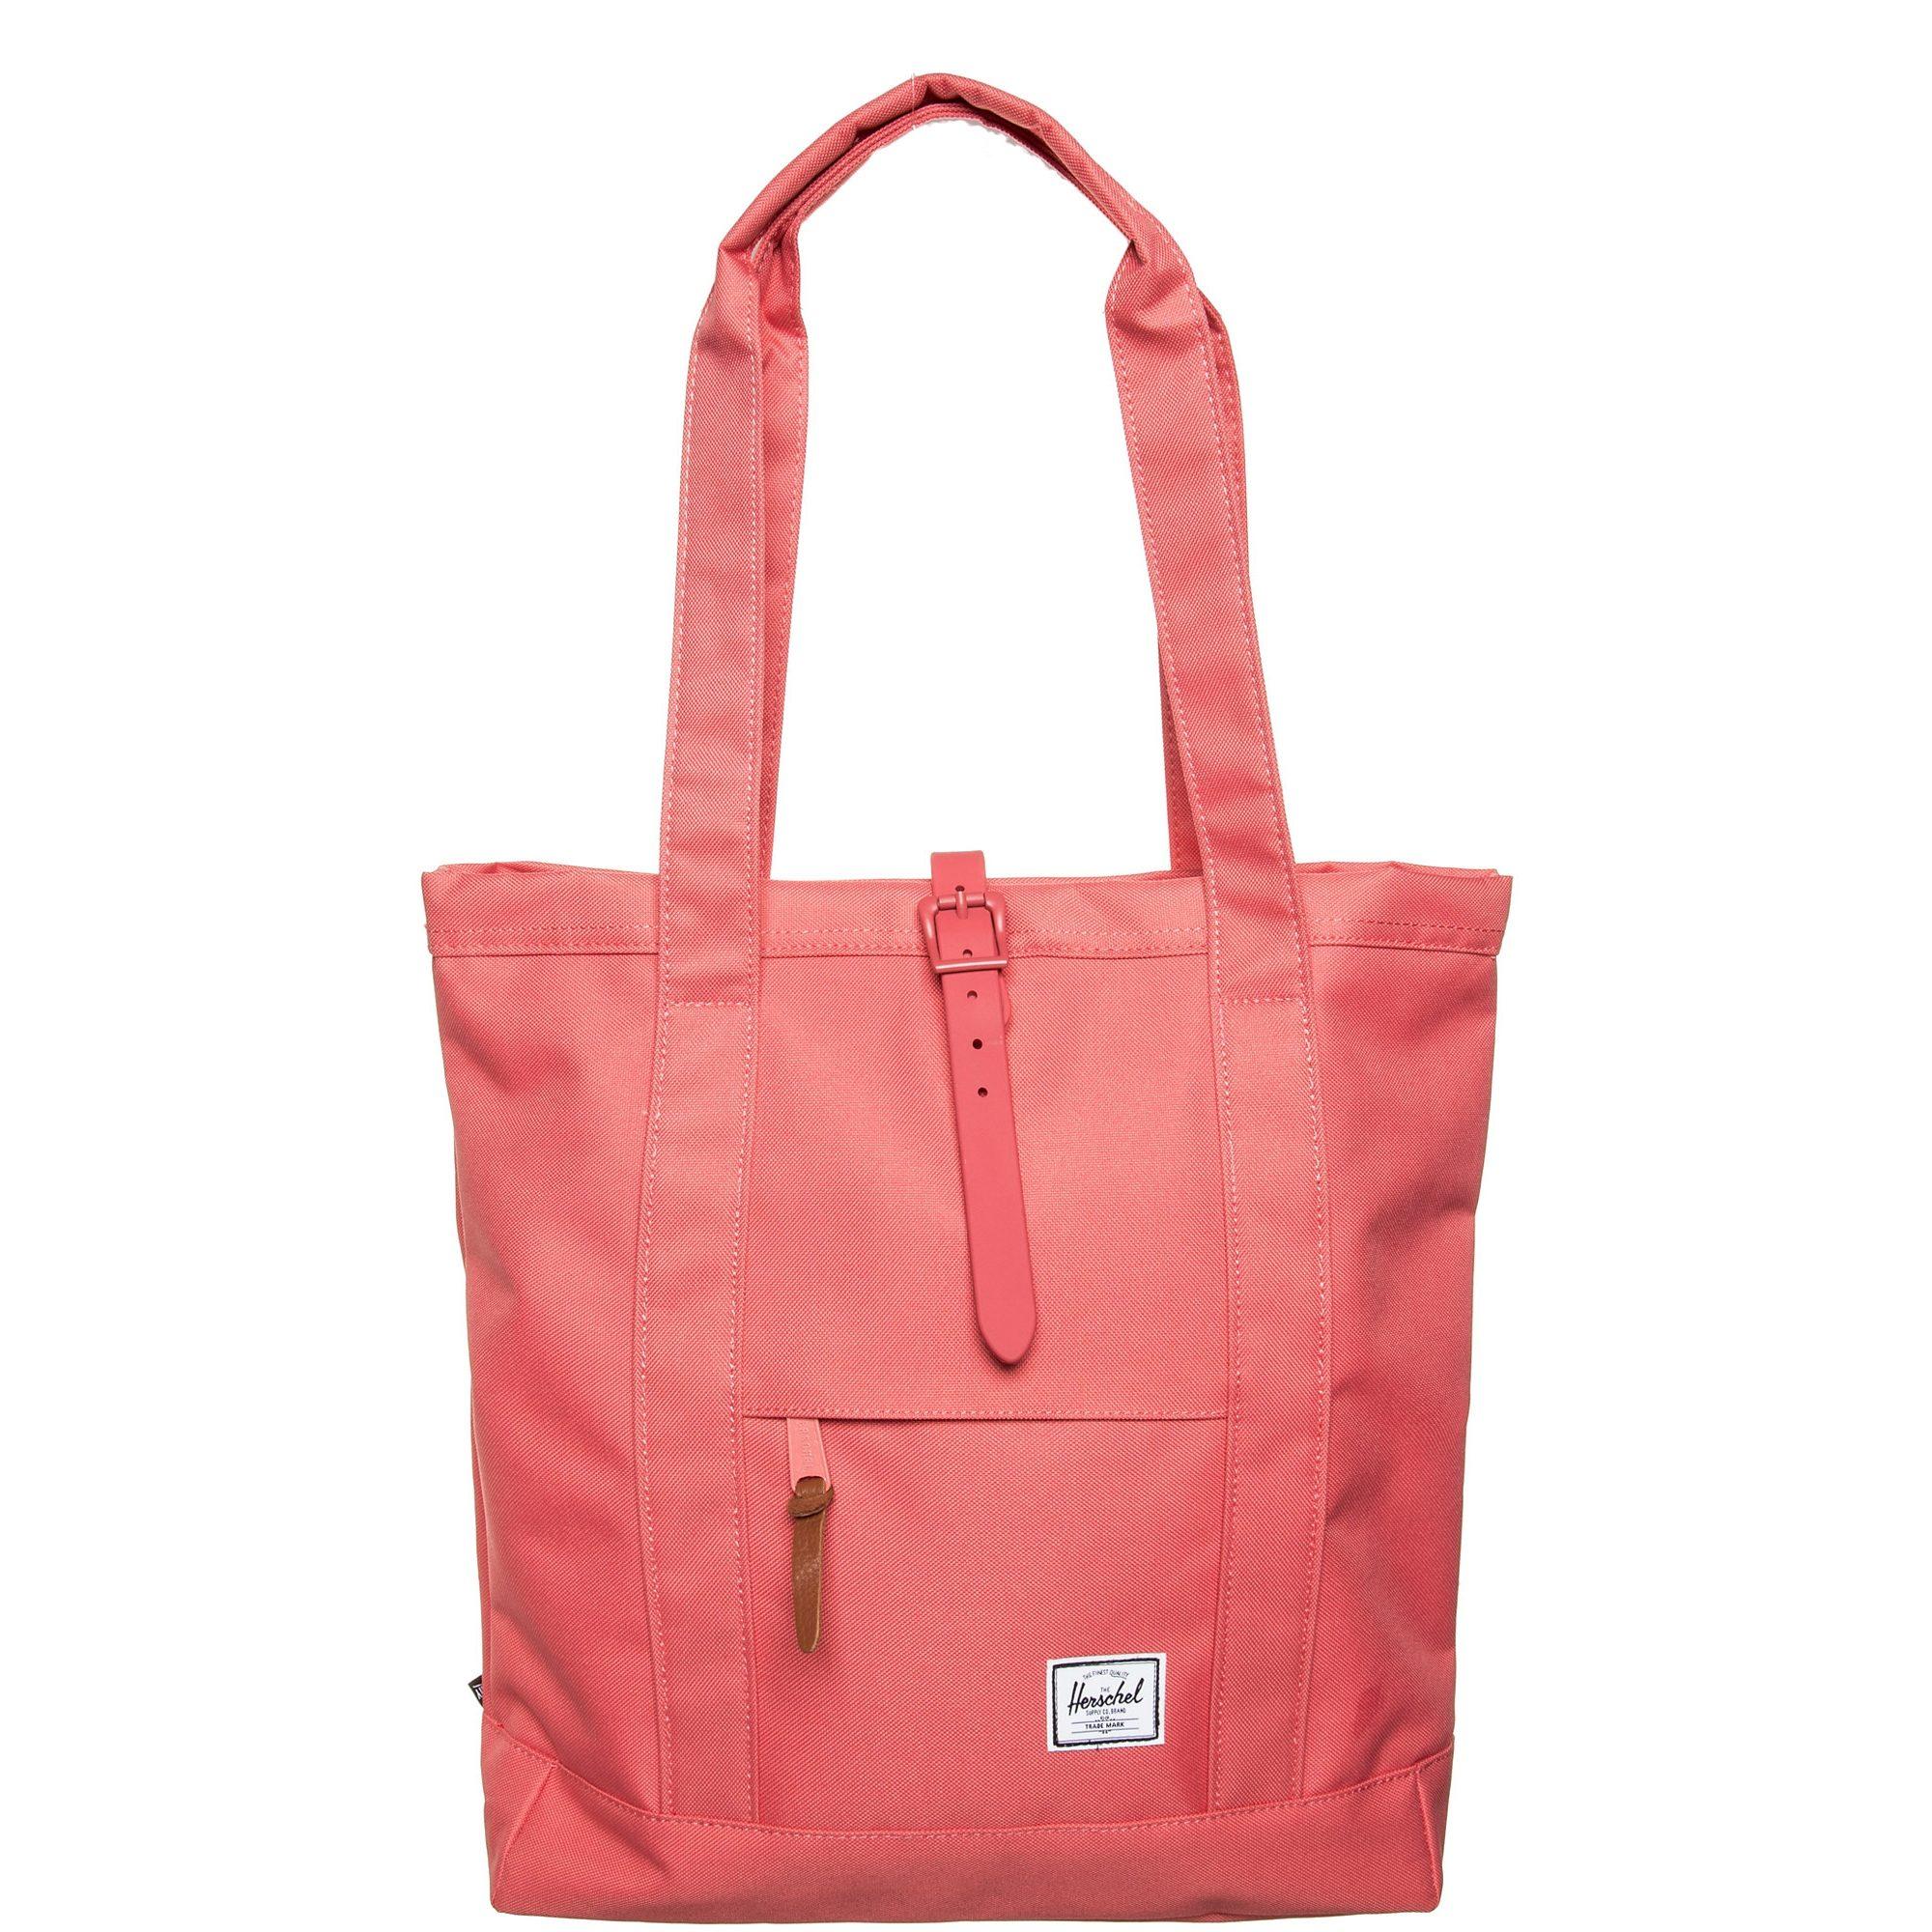 Herschel Market XL Shopper Tasche rosa